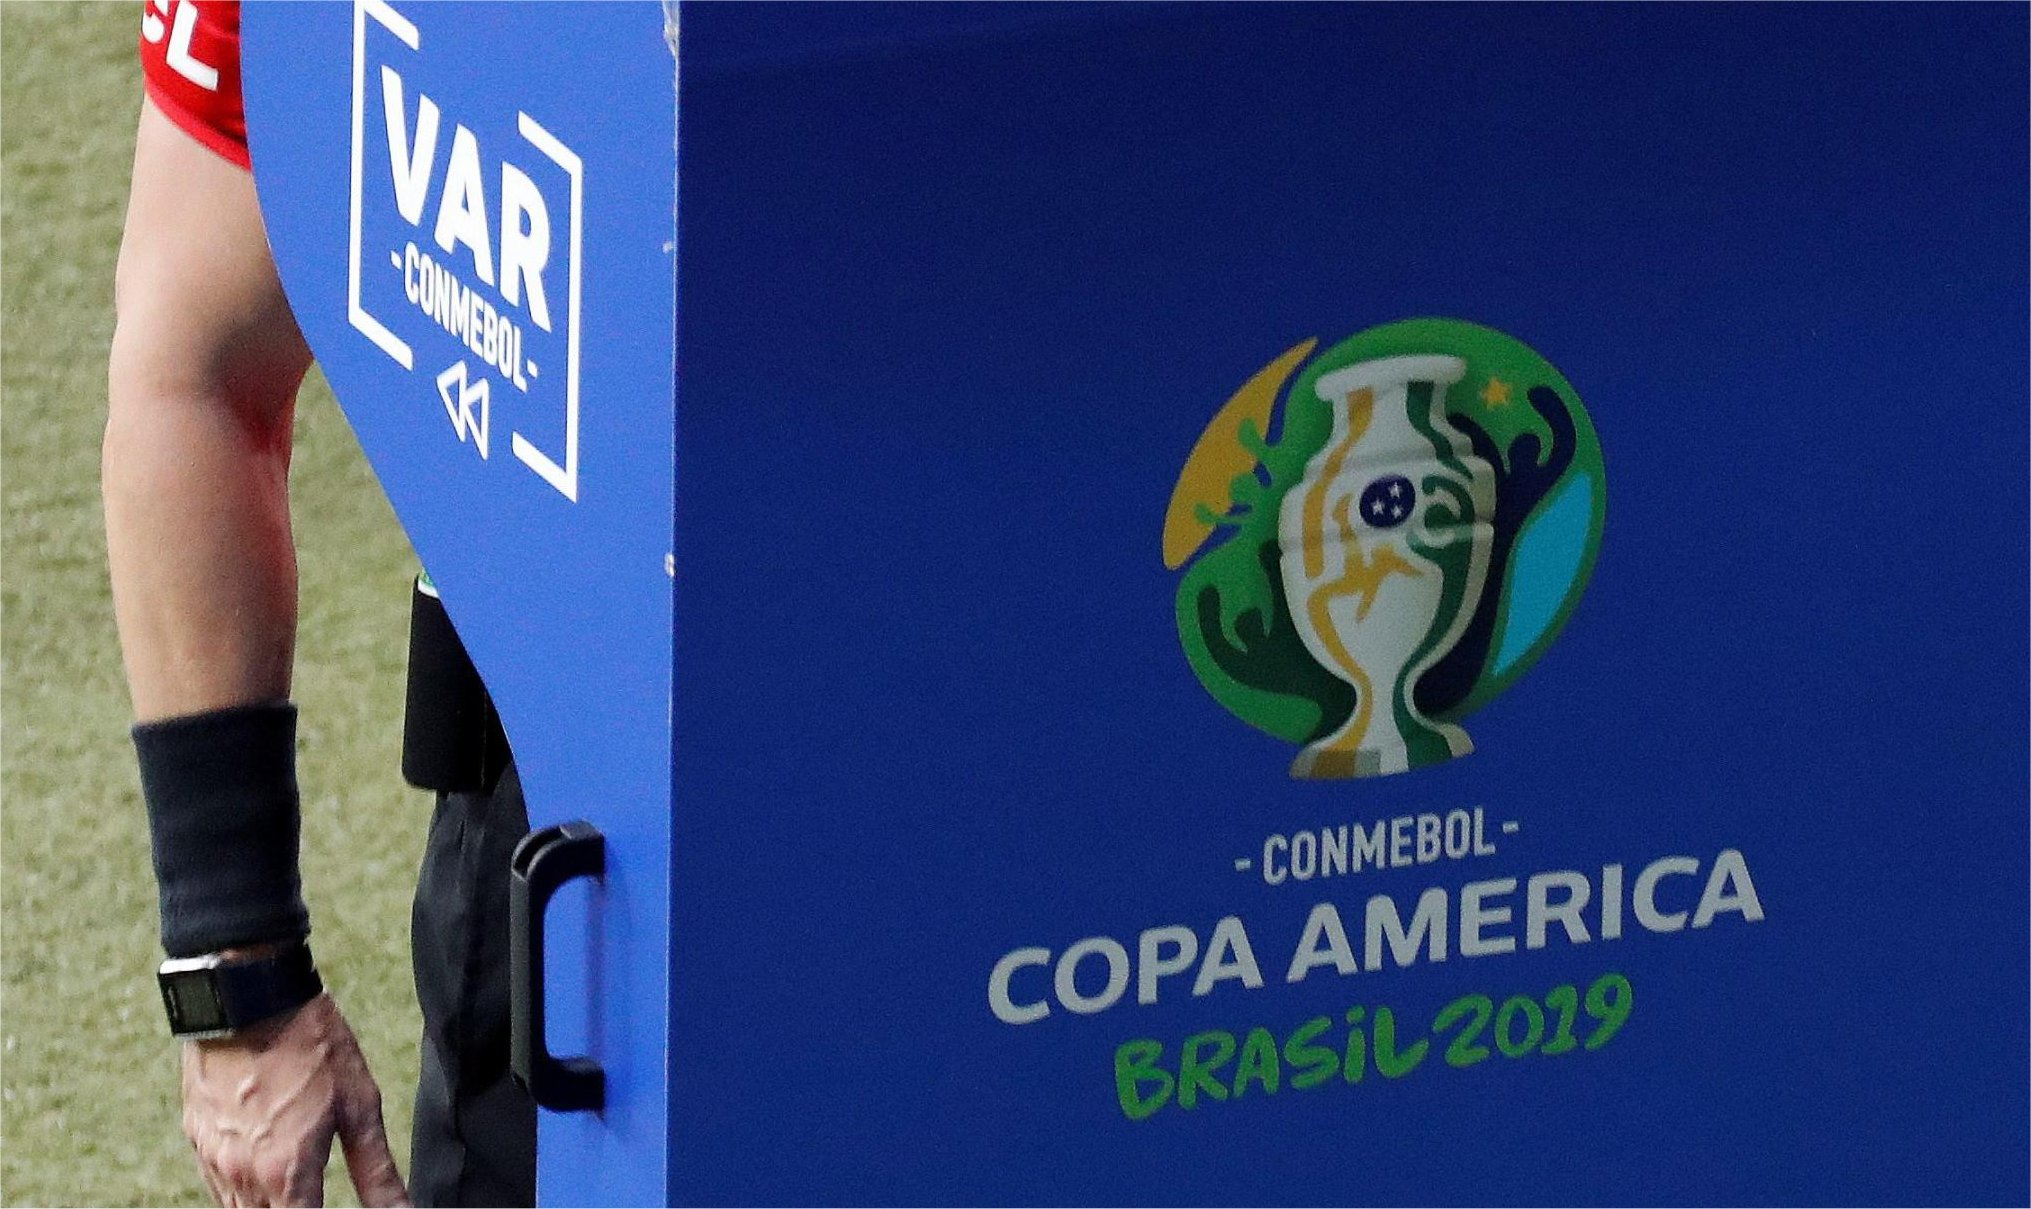 DAZN, Copa America 2a Giornata, Diretta Esclusiva, Palinsesto e Telecronisti